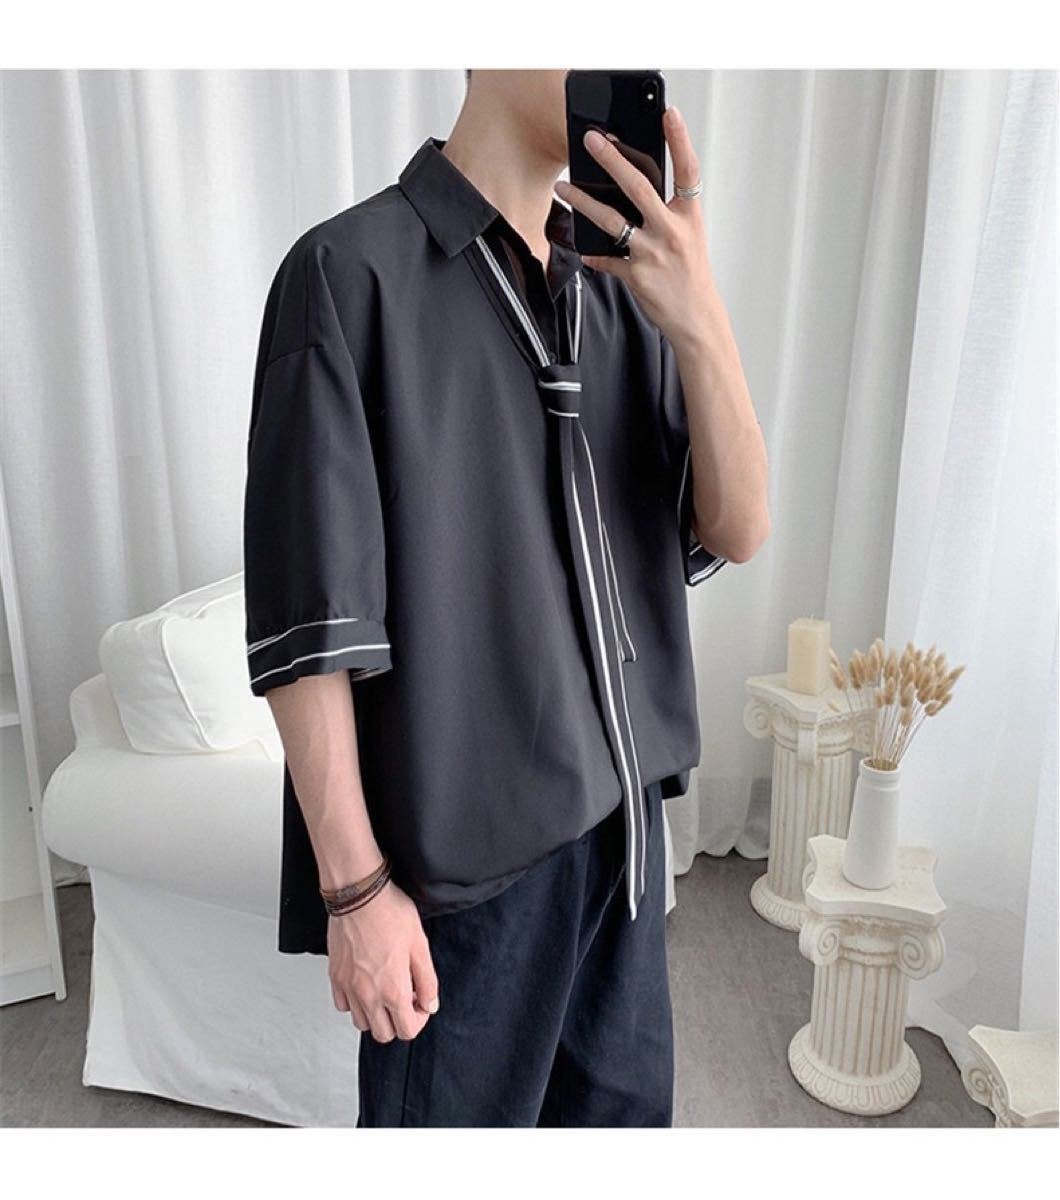 シャツ タイ付き ビッグシルエット トップス 半袖 黒 XL dhp3wt